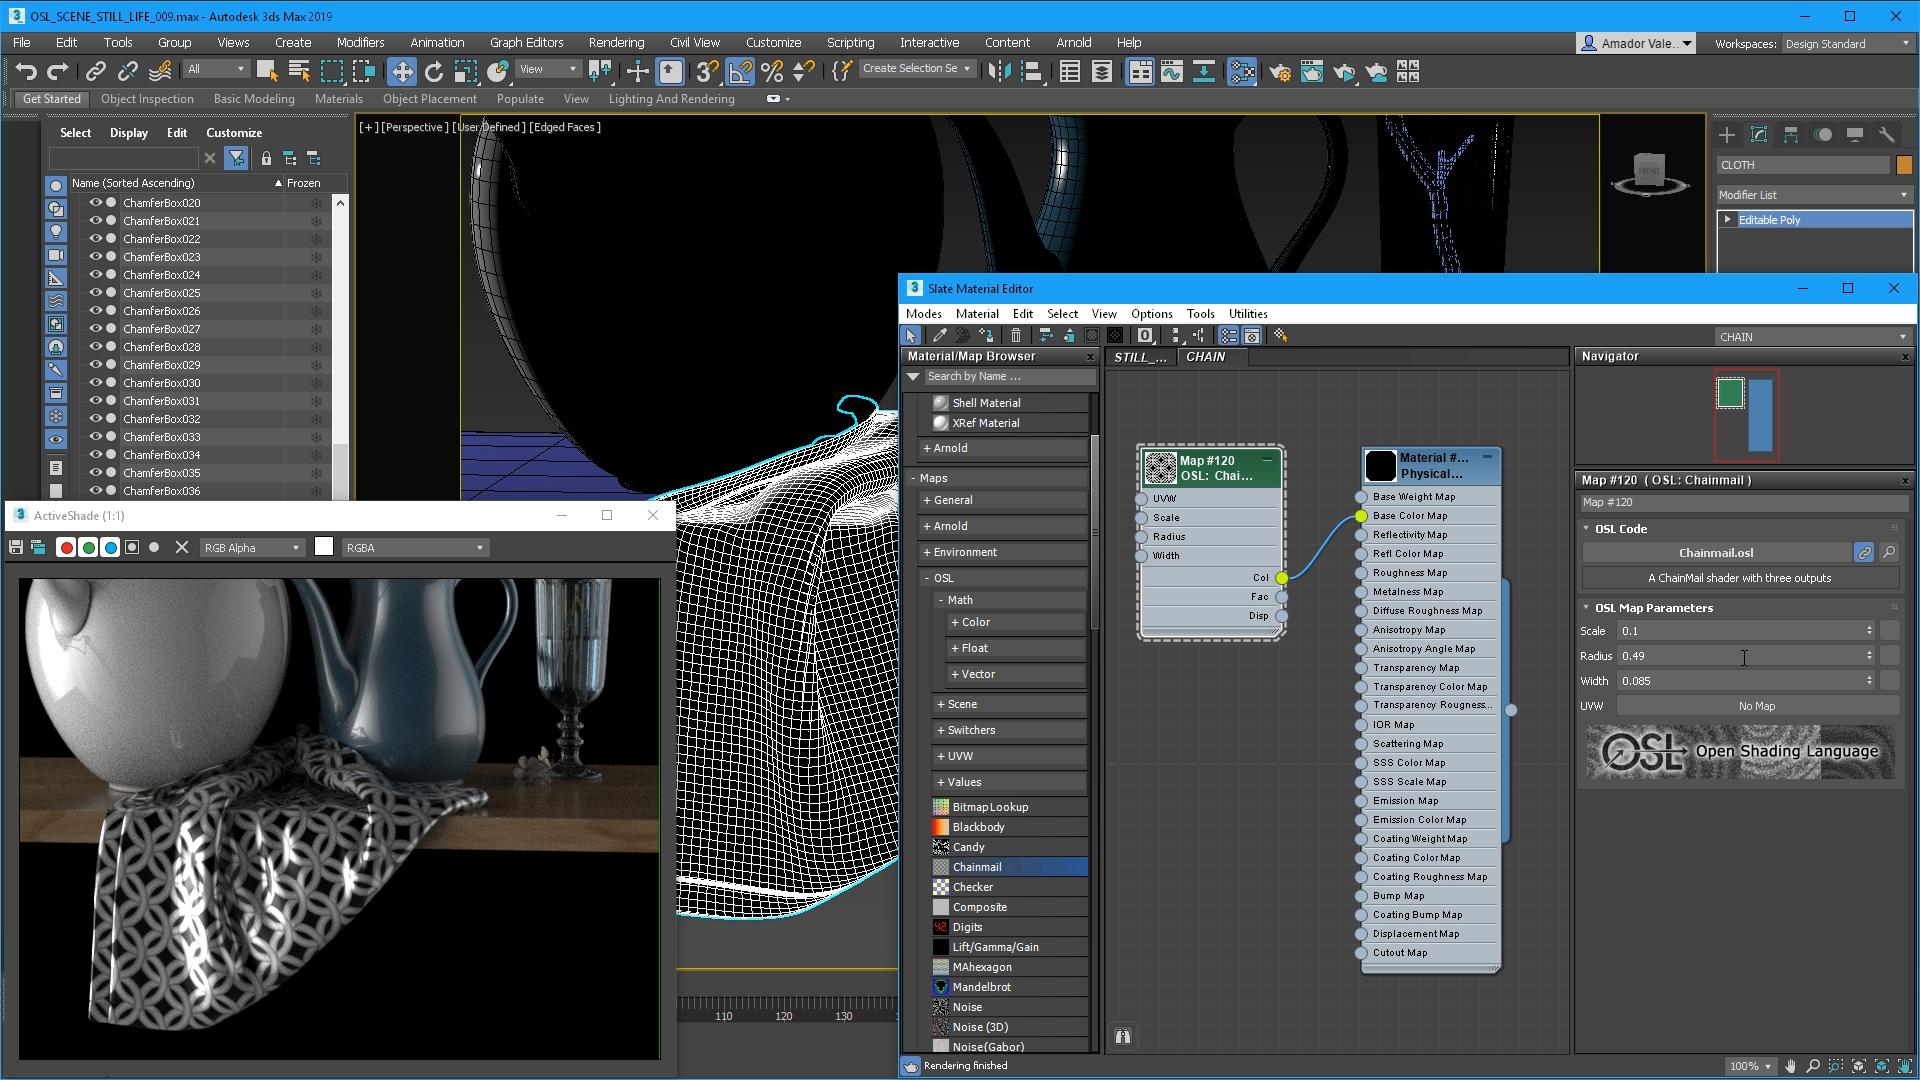 Autodesk 3ds Max 2019 Screnshot